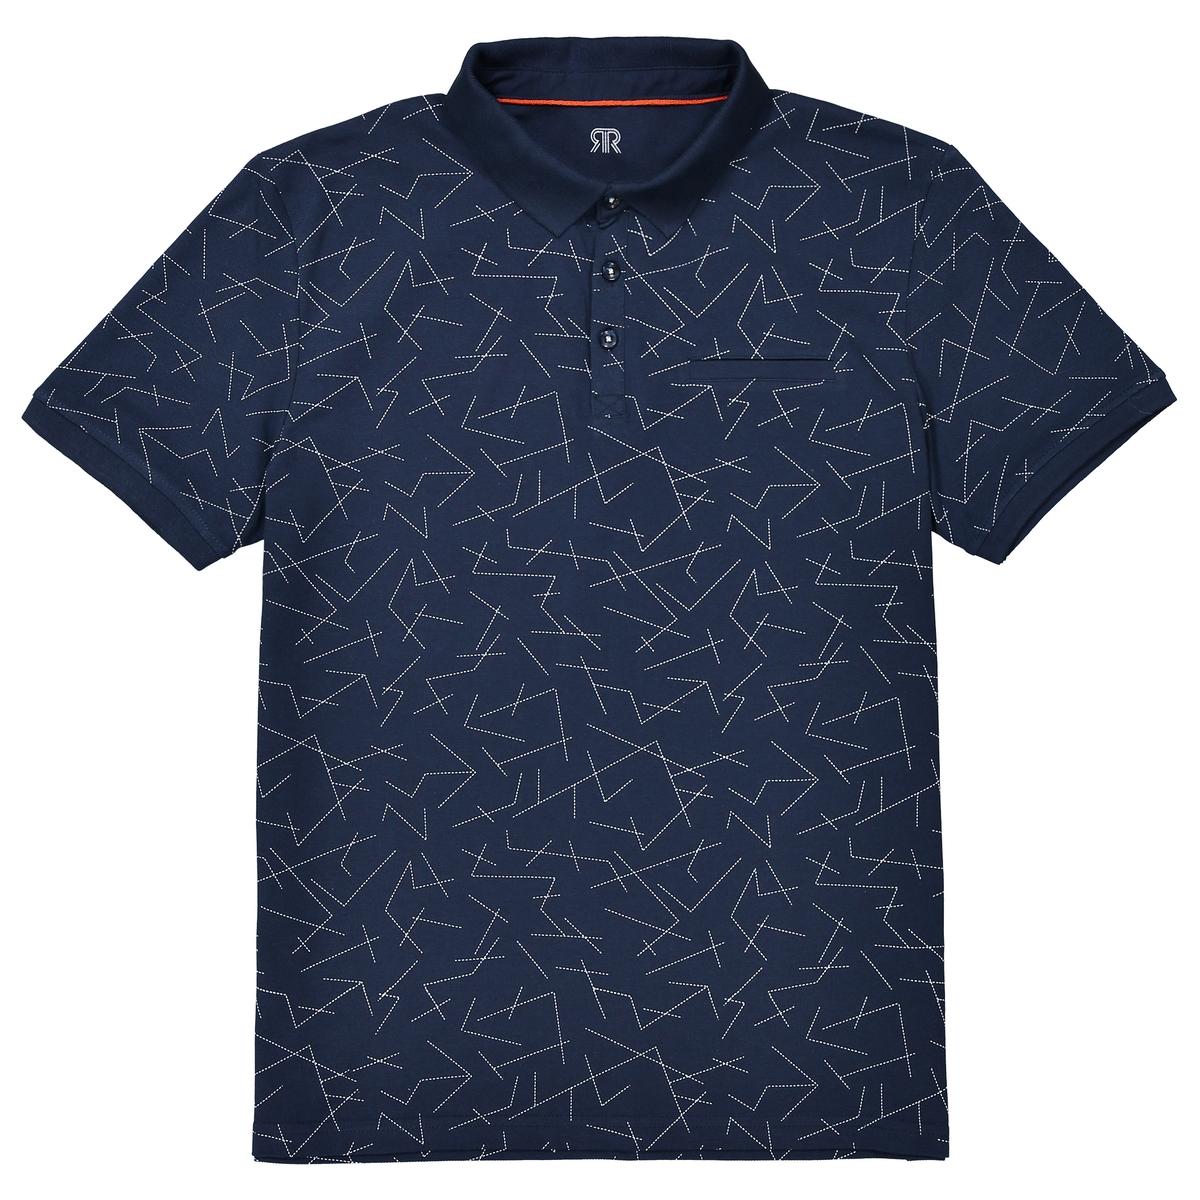 Футболка-поло с рисунком футболка поло fred perry m3593 d69